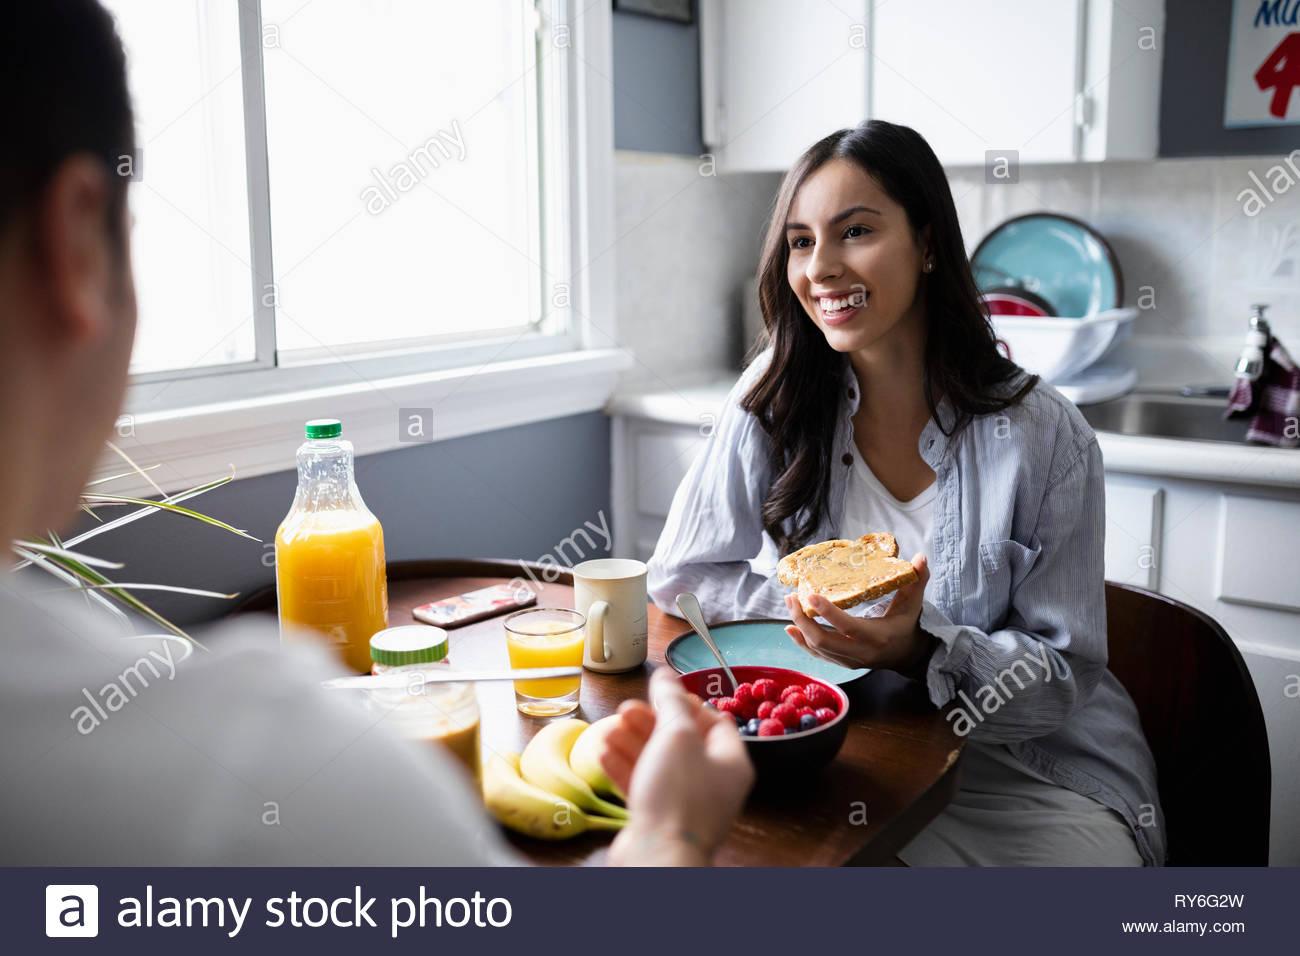 Glückliche junge Frau Latinx essen Frühstück mit Freund in der Küche Stockbild